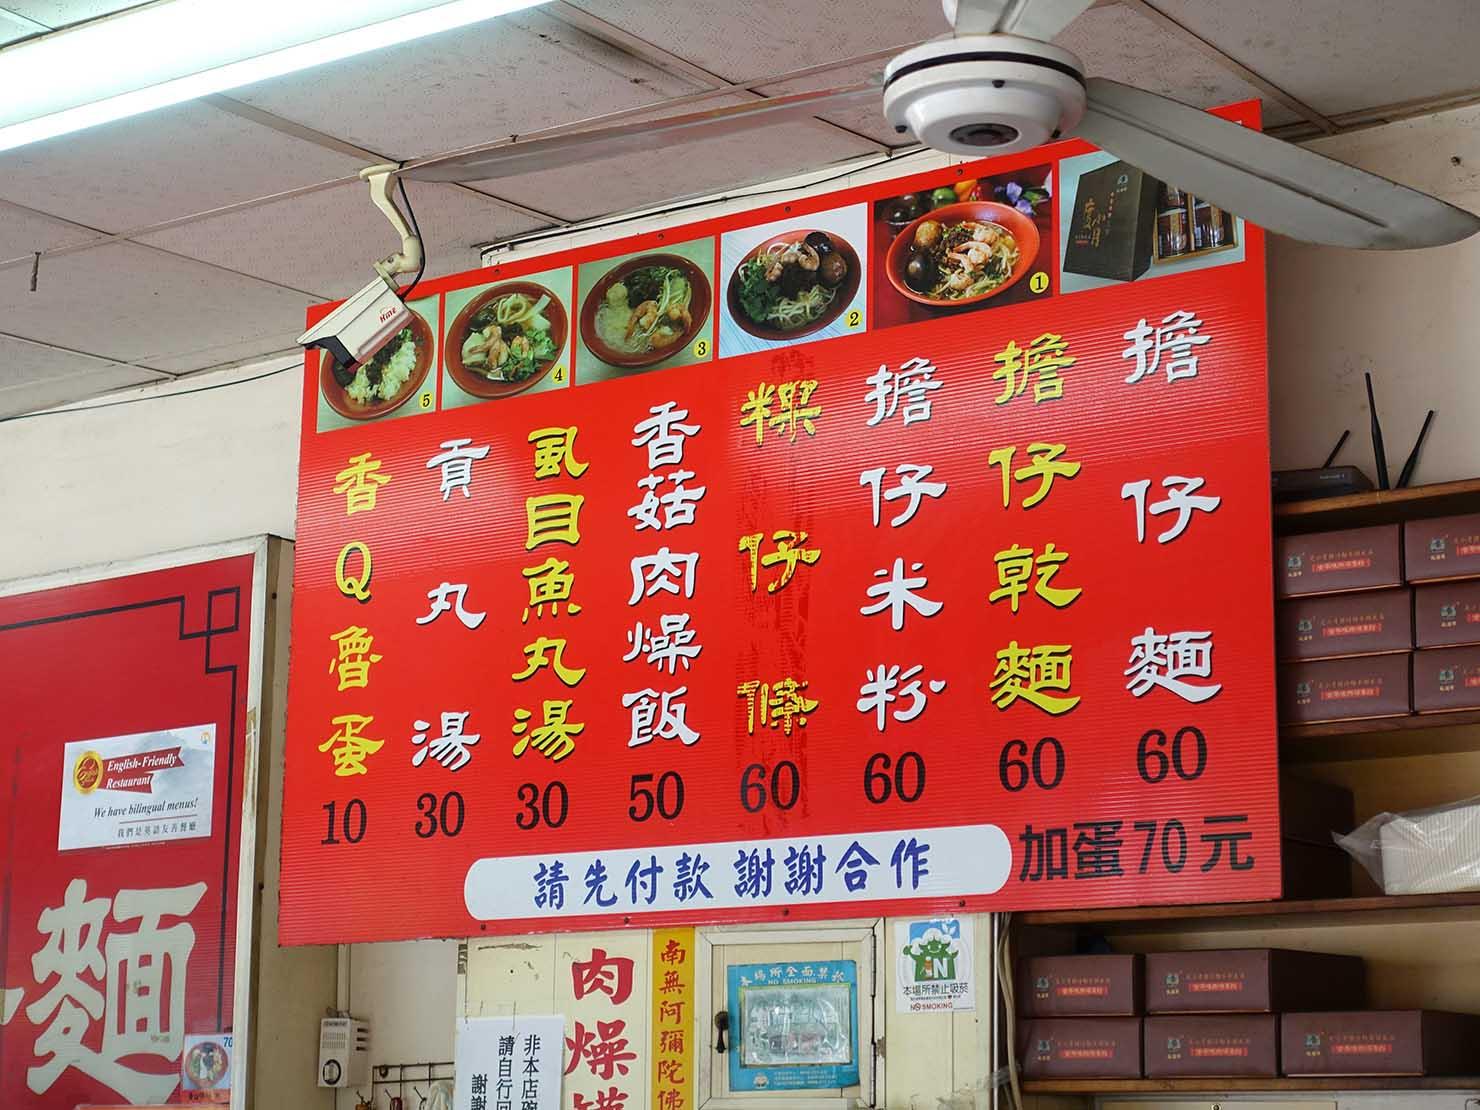 台南・赤崁樓周辺のおすすめグルメ店「度小月擔仔麵」のメニュー